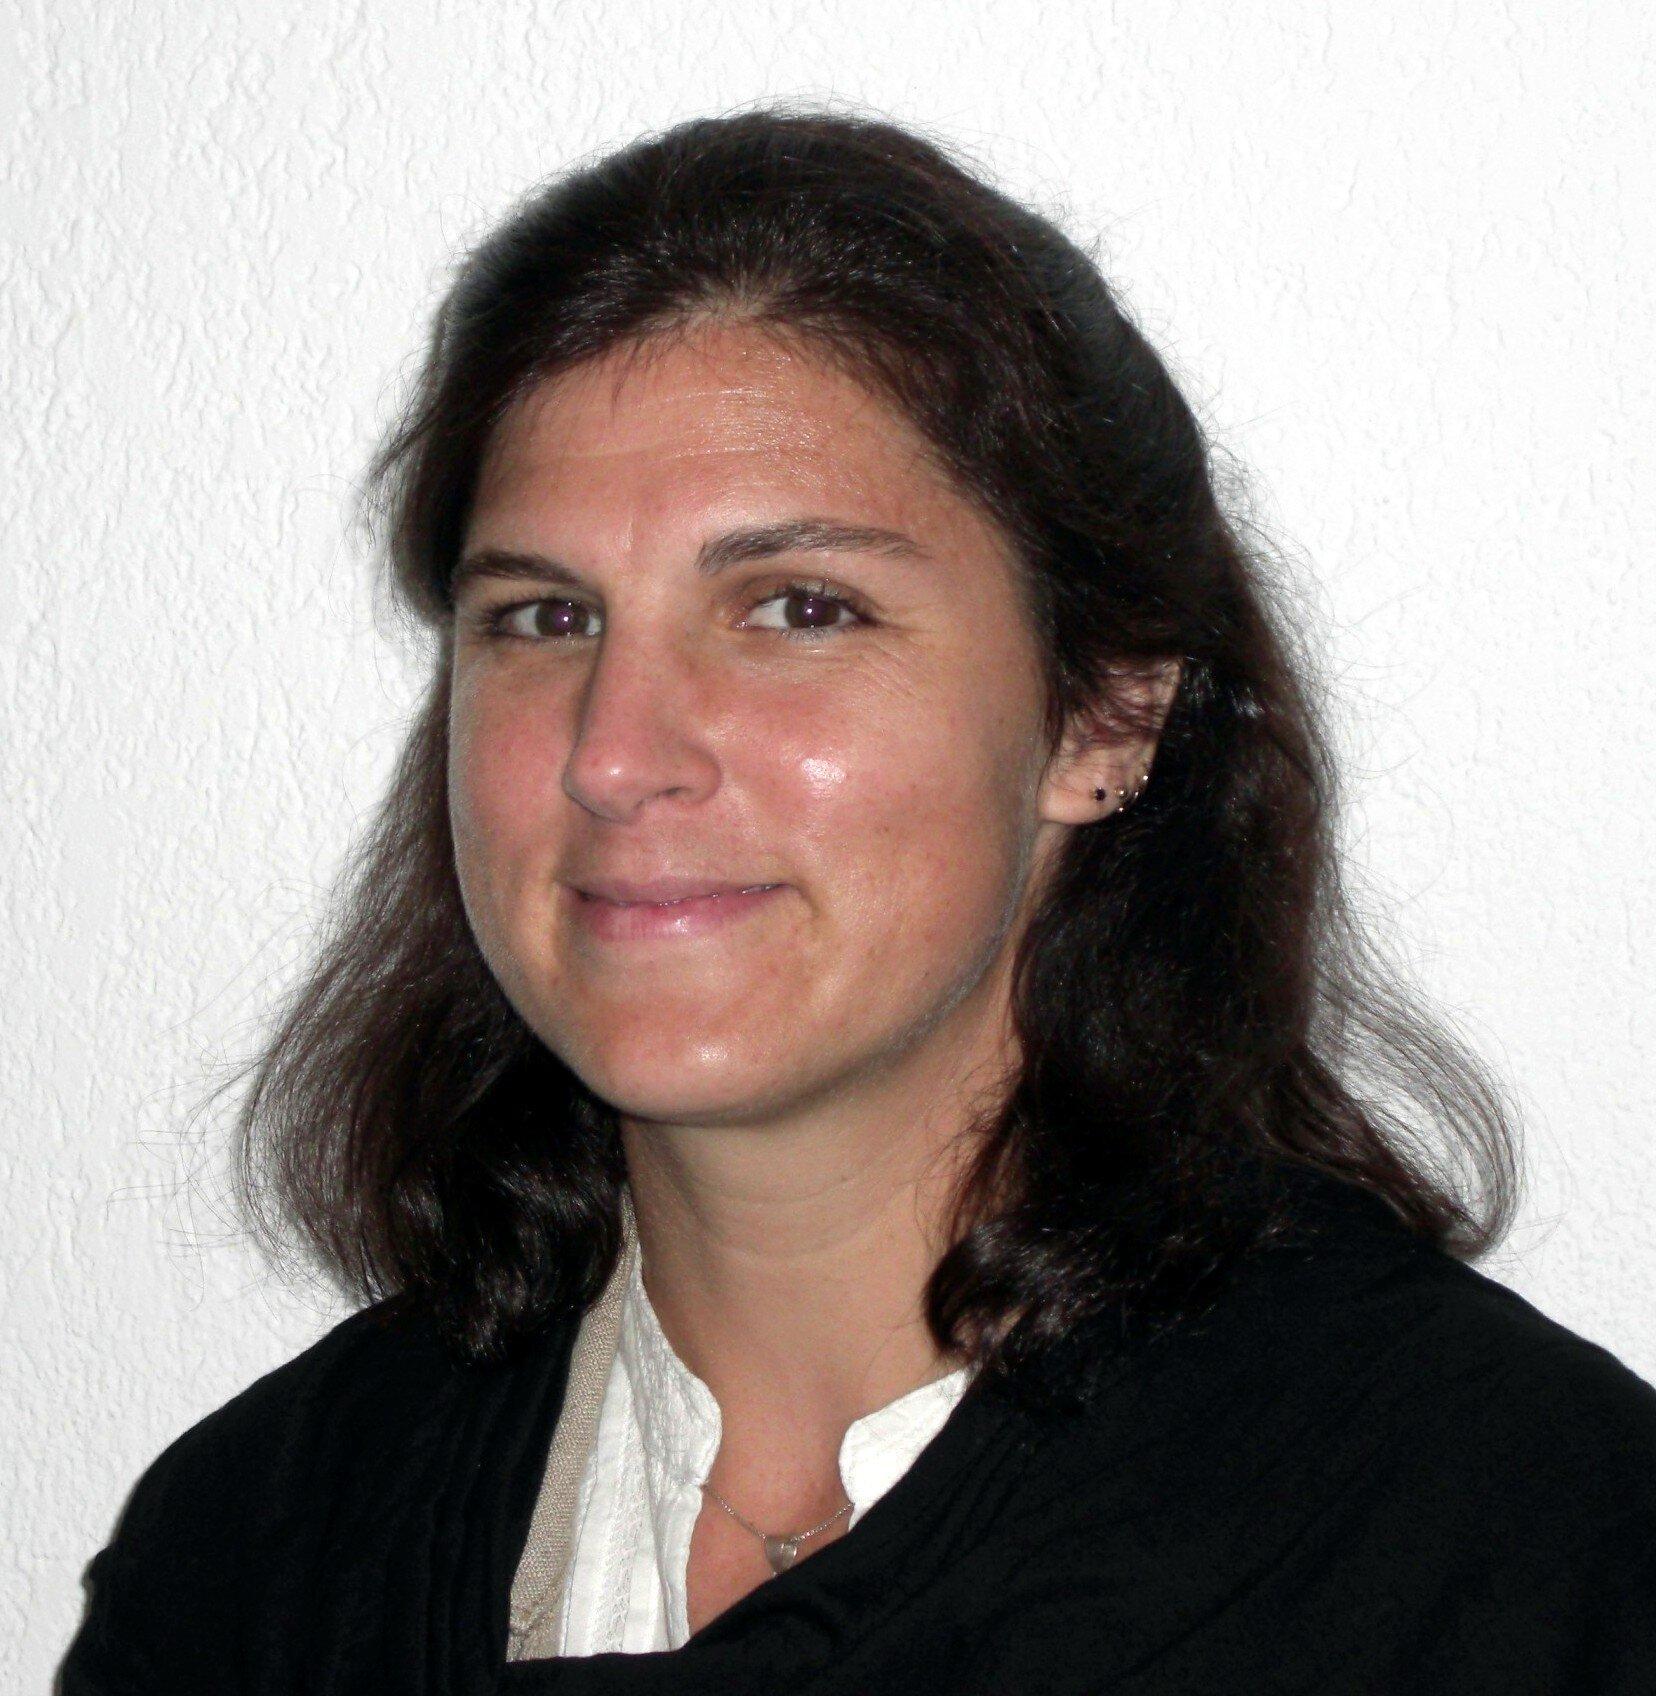 Kristen Dieffenbach